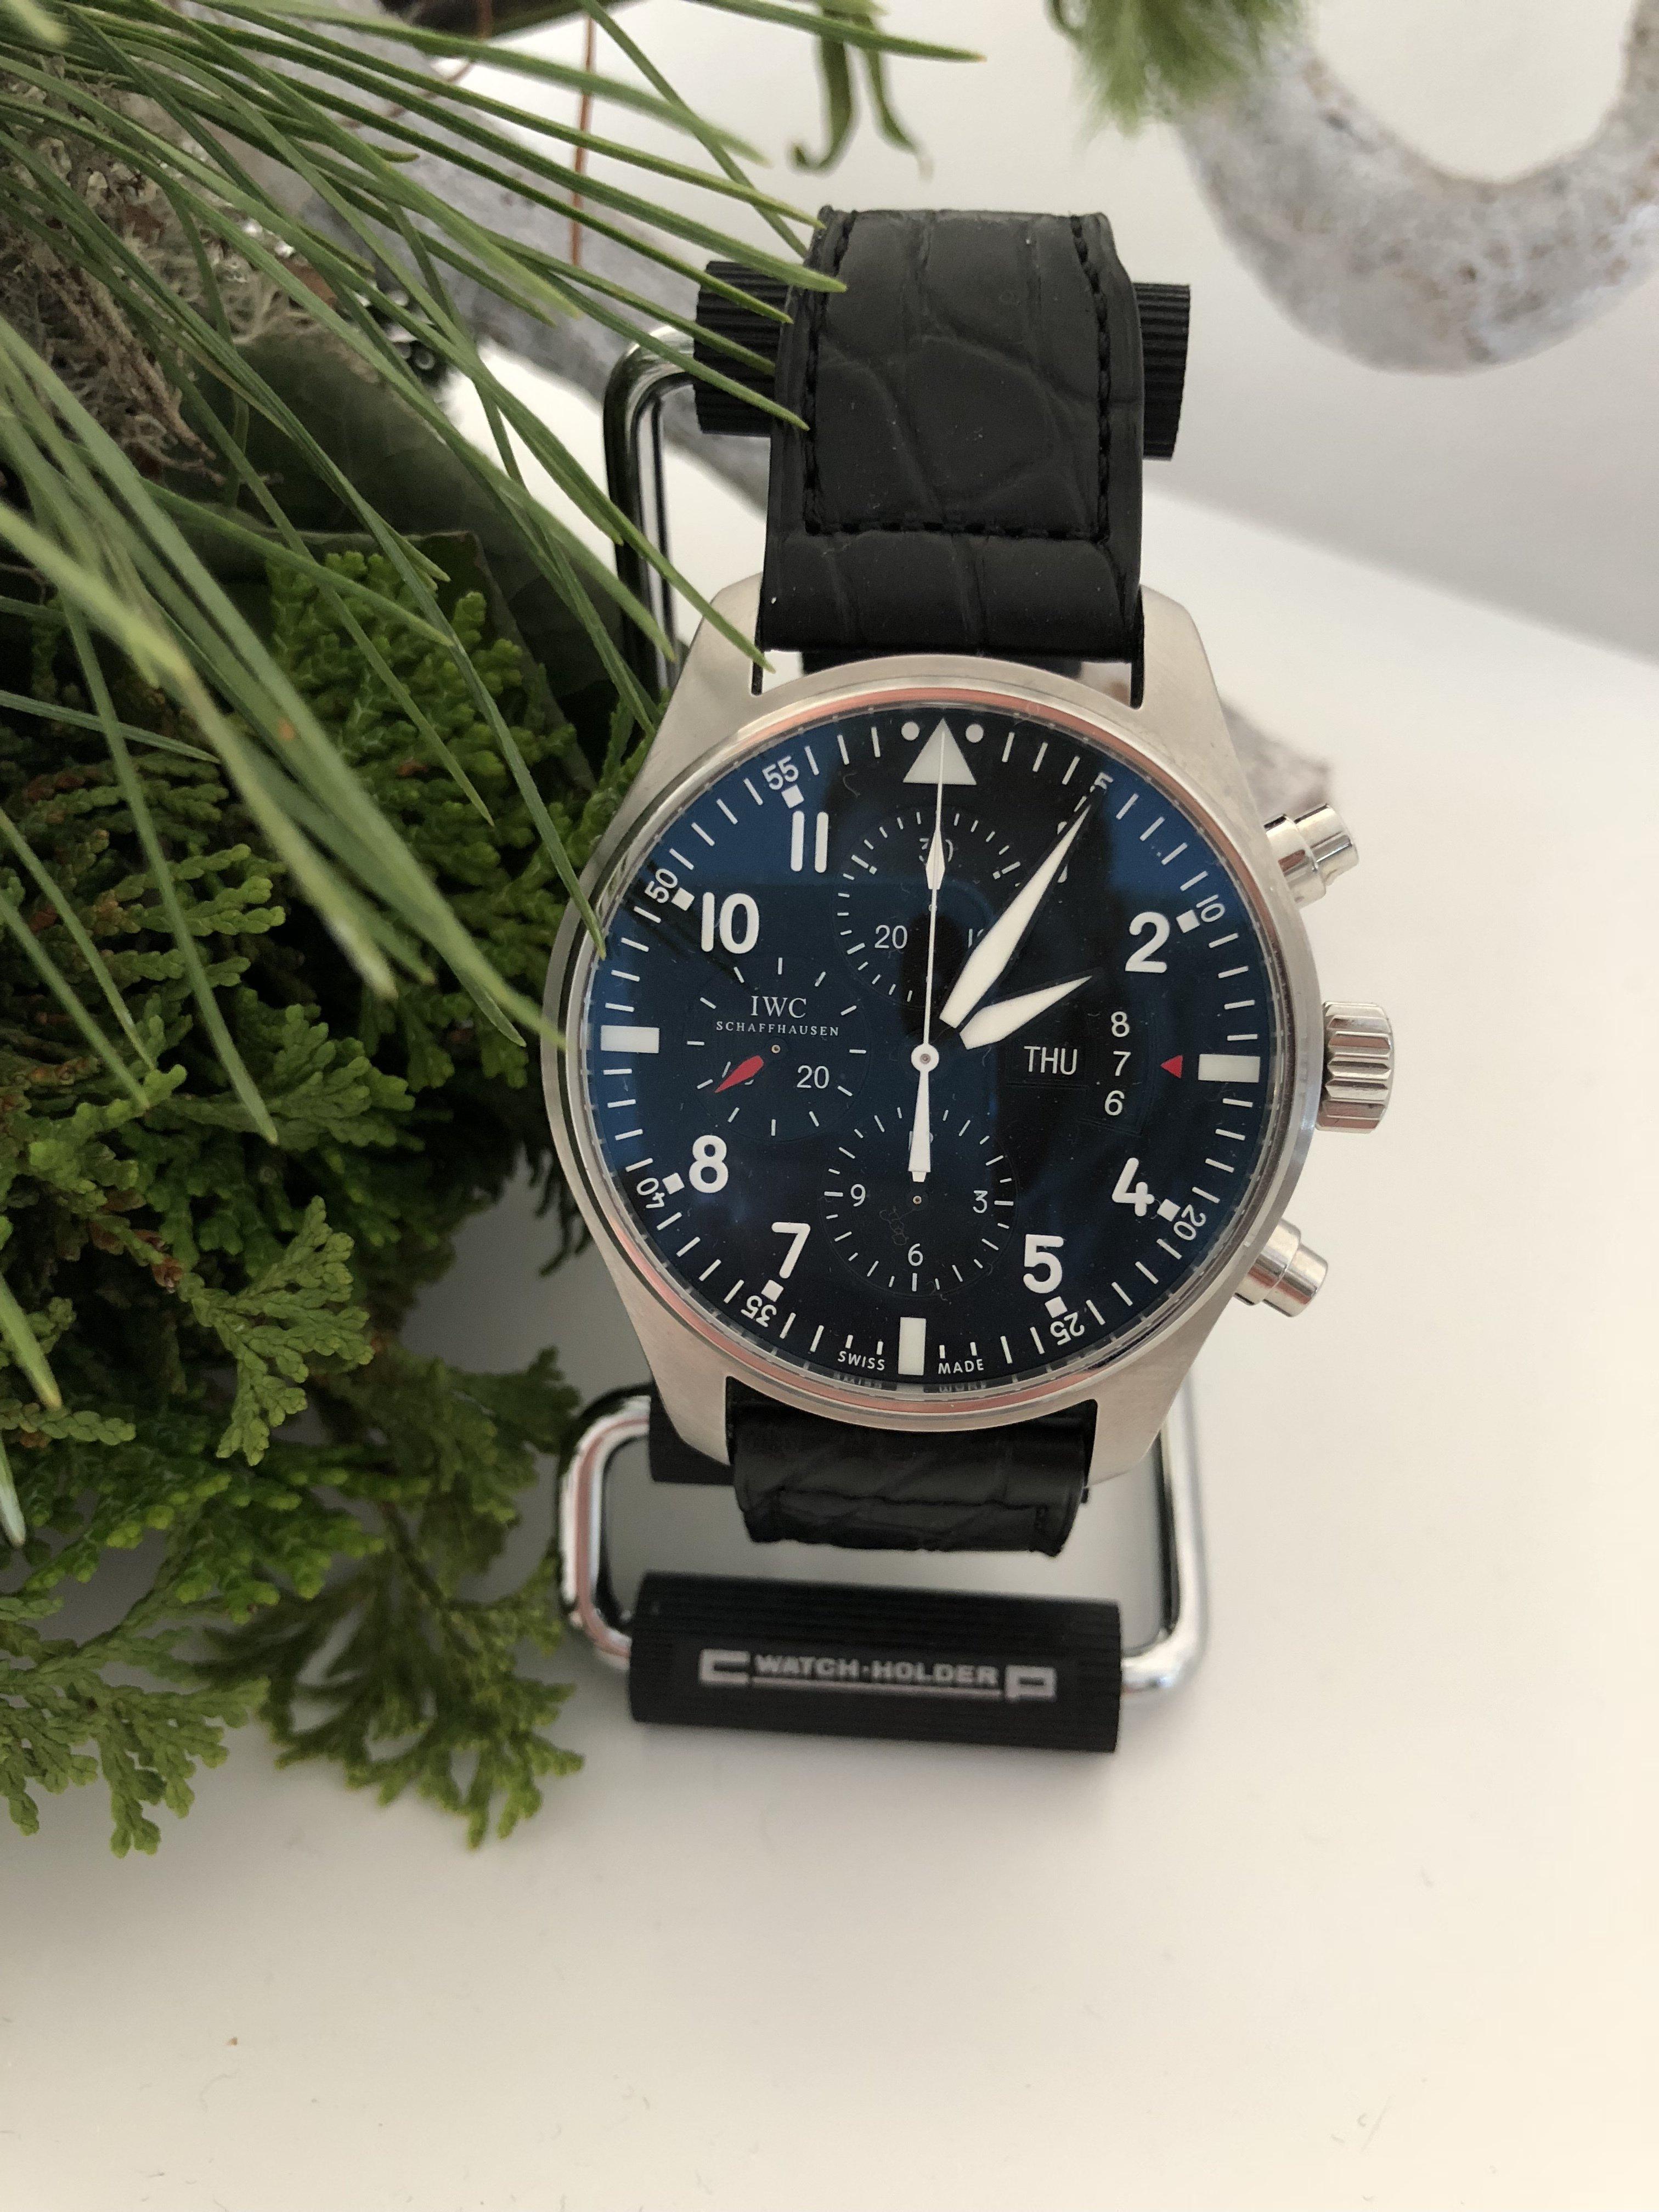 2b900831bd8 IWC only - Algemene Horlogepraat - Horlogeforum.nl - het forum voor ...